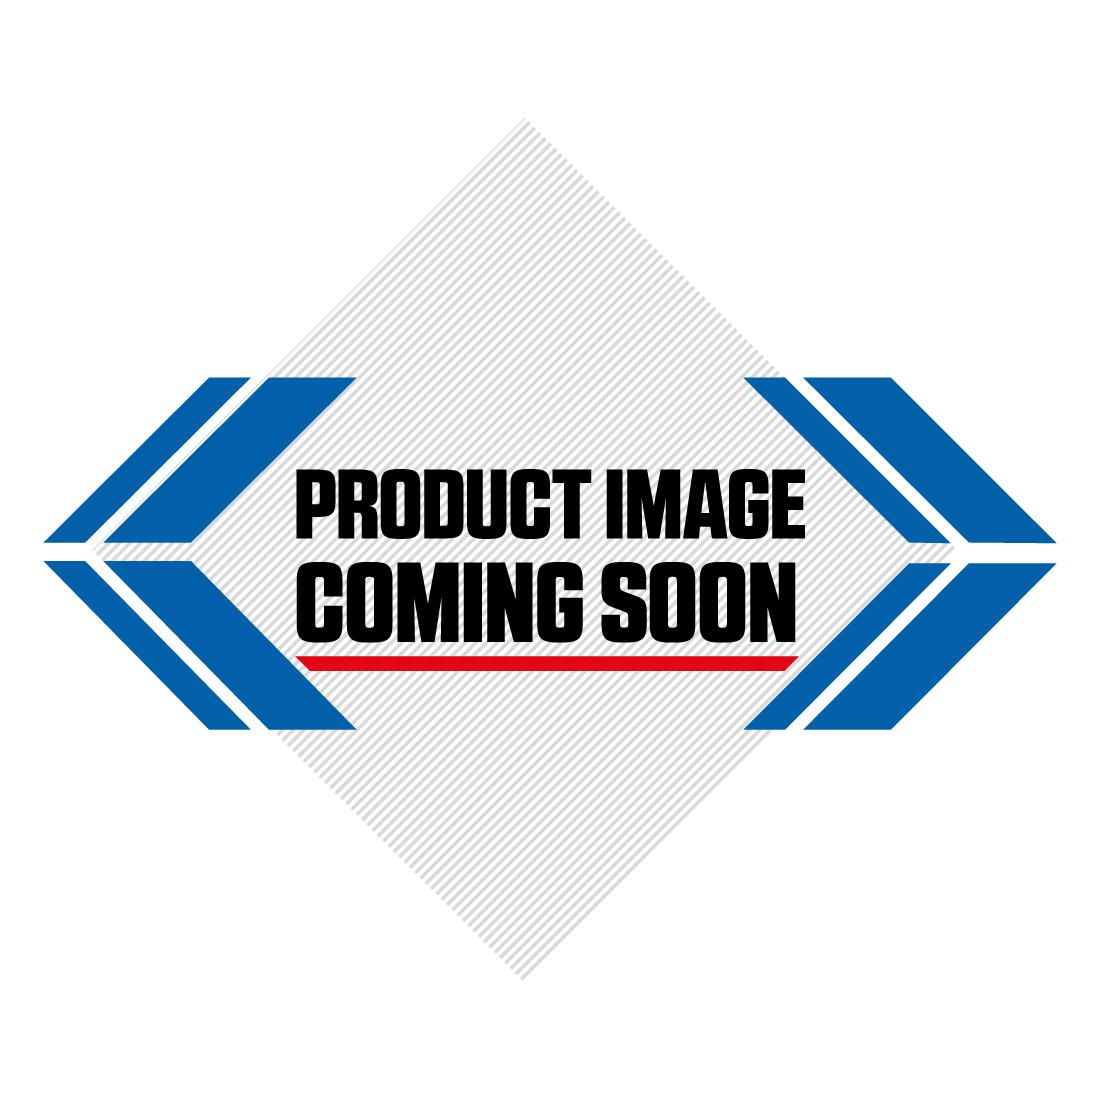 Kawasaki Plastic Kit KX 125 250 (99-02) OEM Factory Image-4>